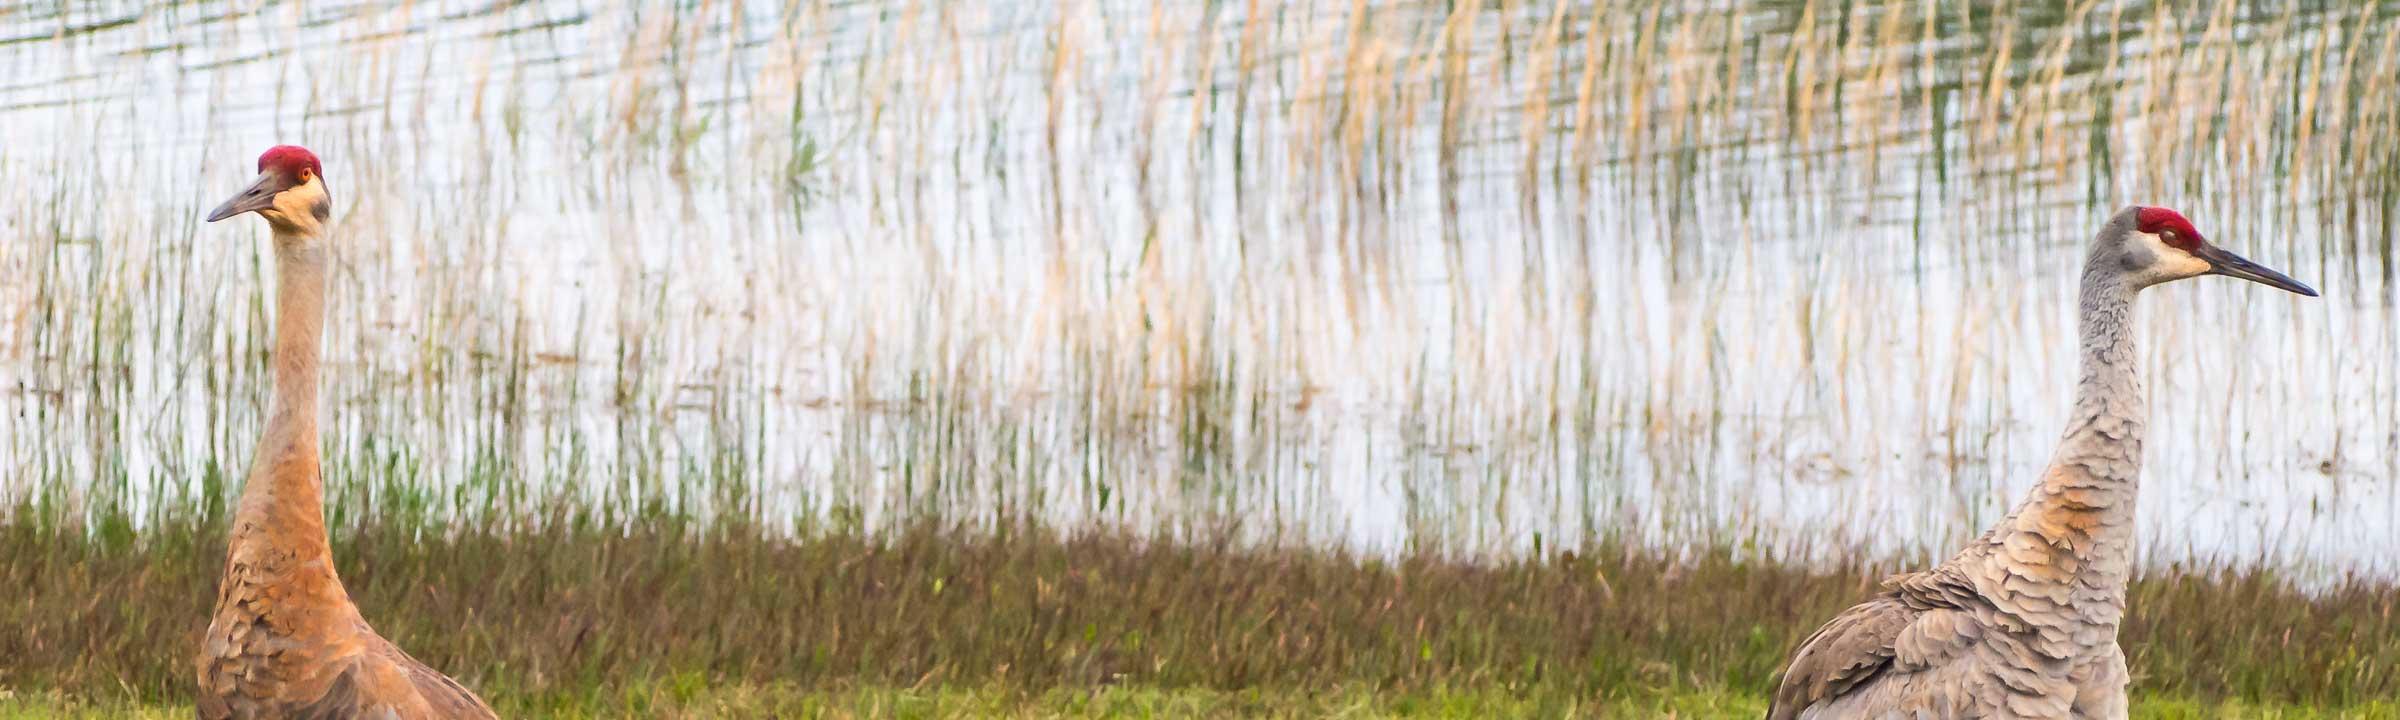 banner-cranes-lq